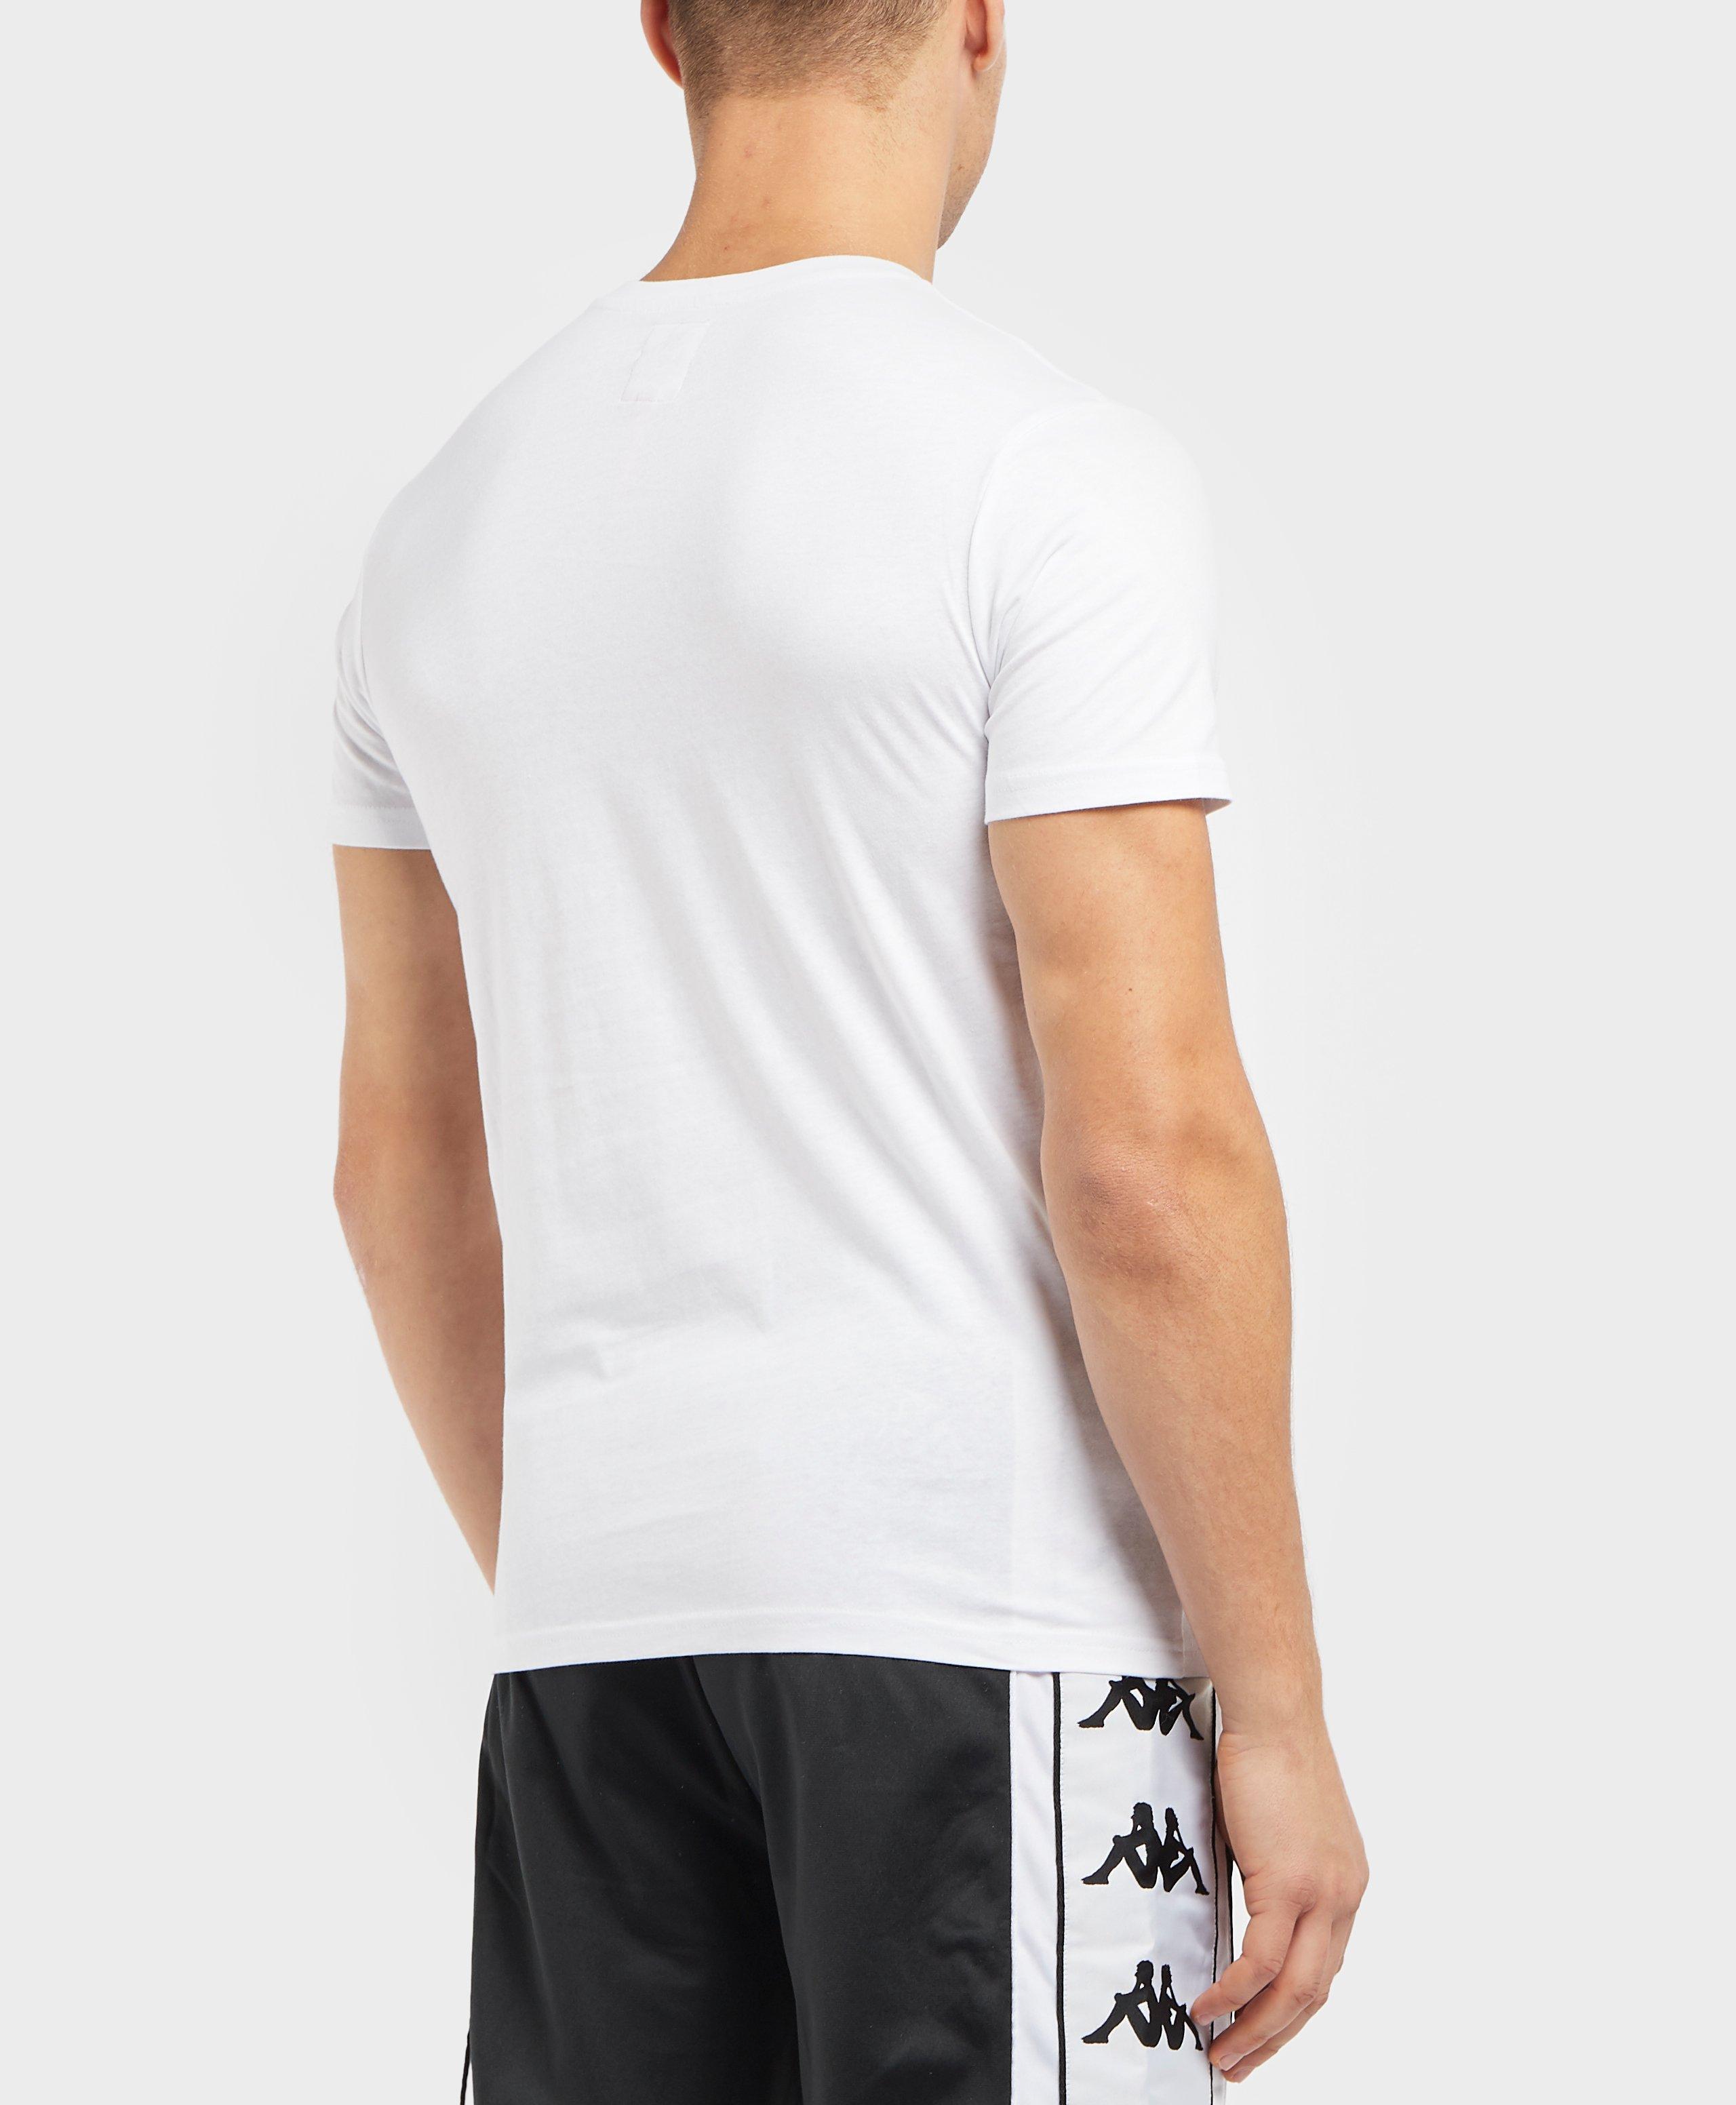 e782d913015e Kappa Authentic Logo Short Sleeve T-shirt in White for Men - Lyst